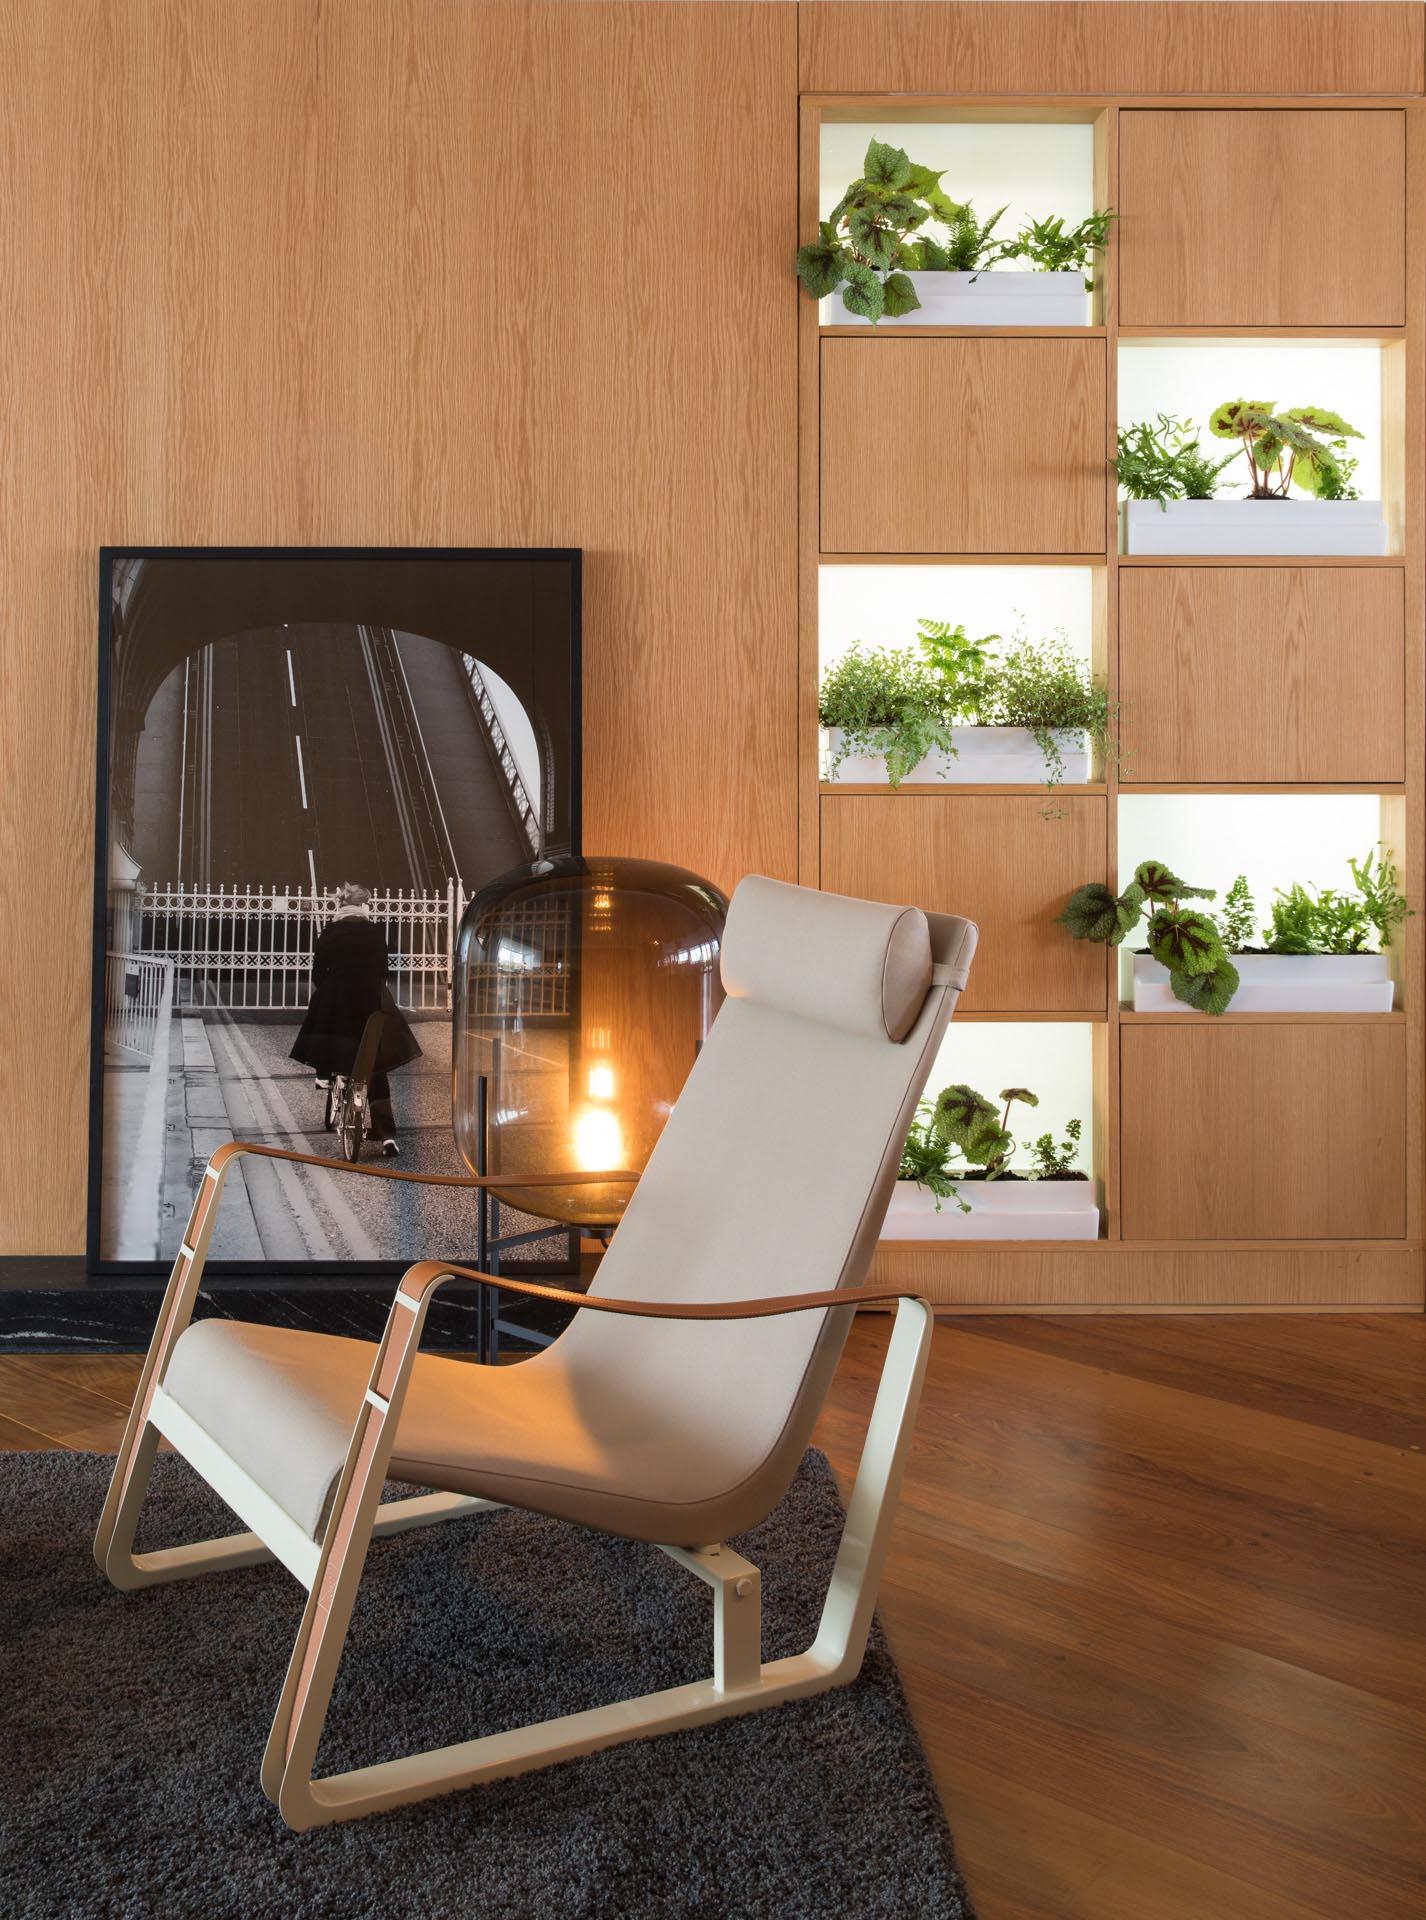 Living Room Shelving Designed For Plants Instead Of Books